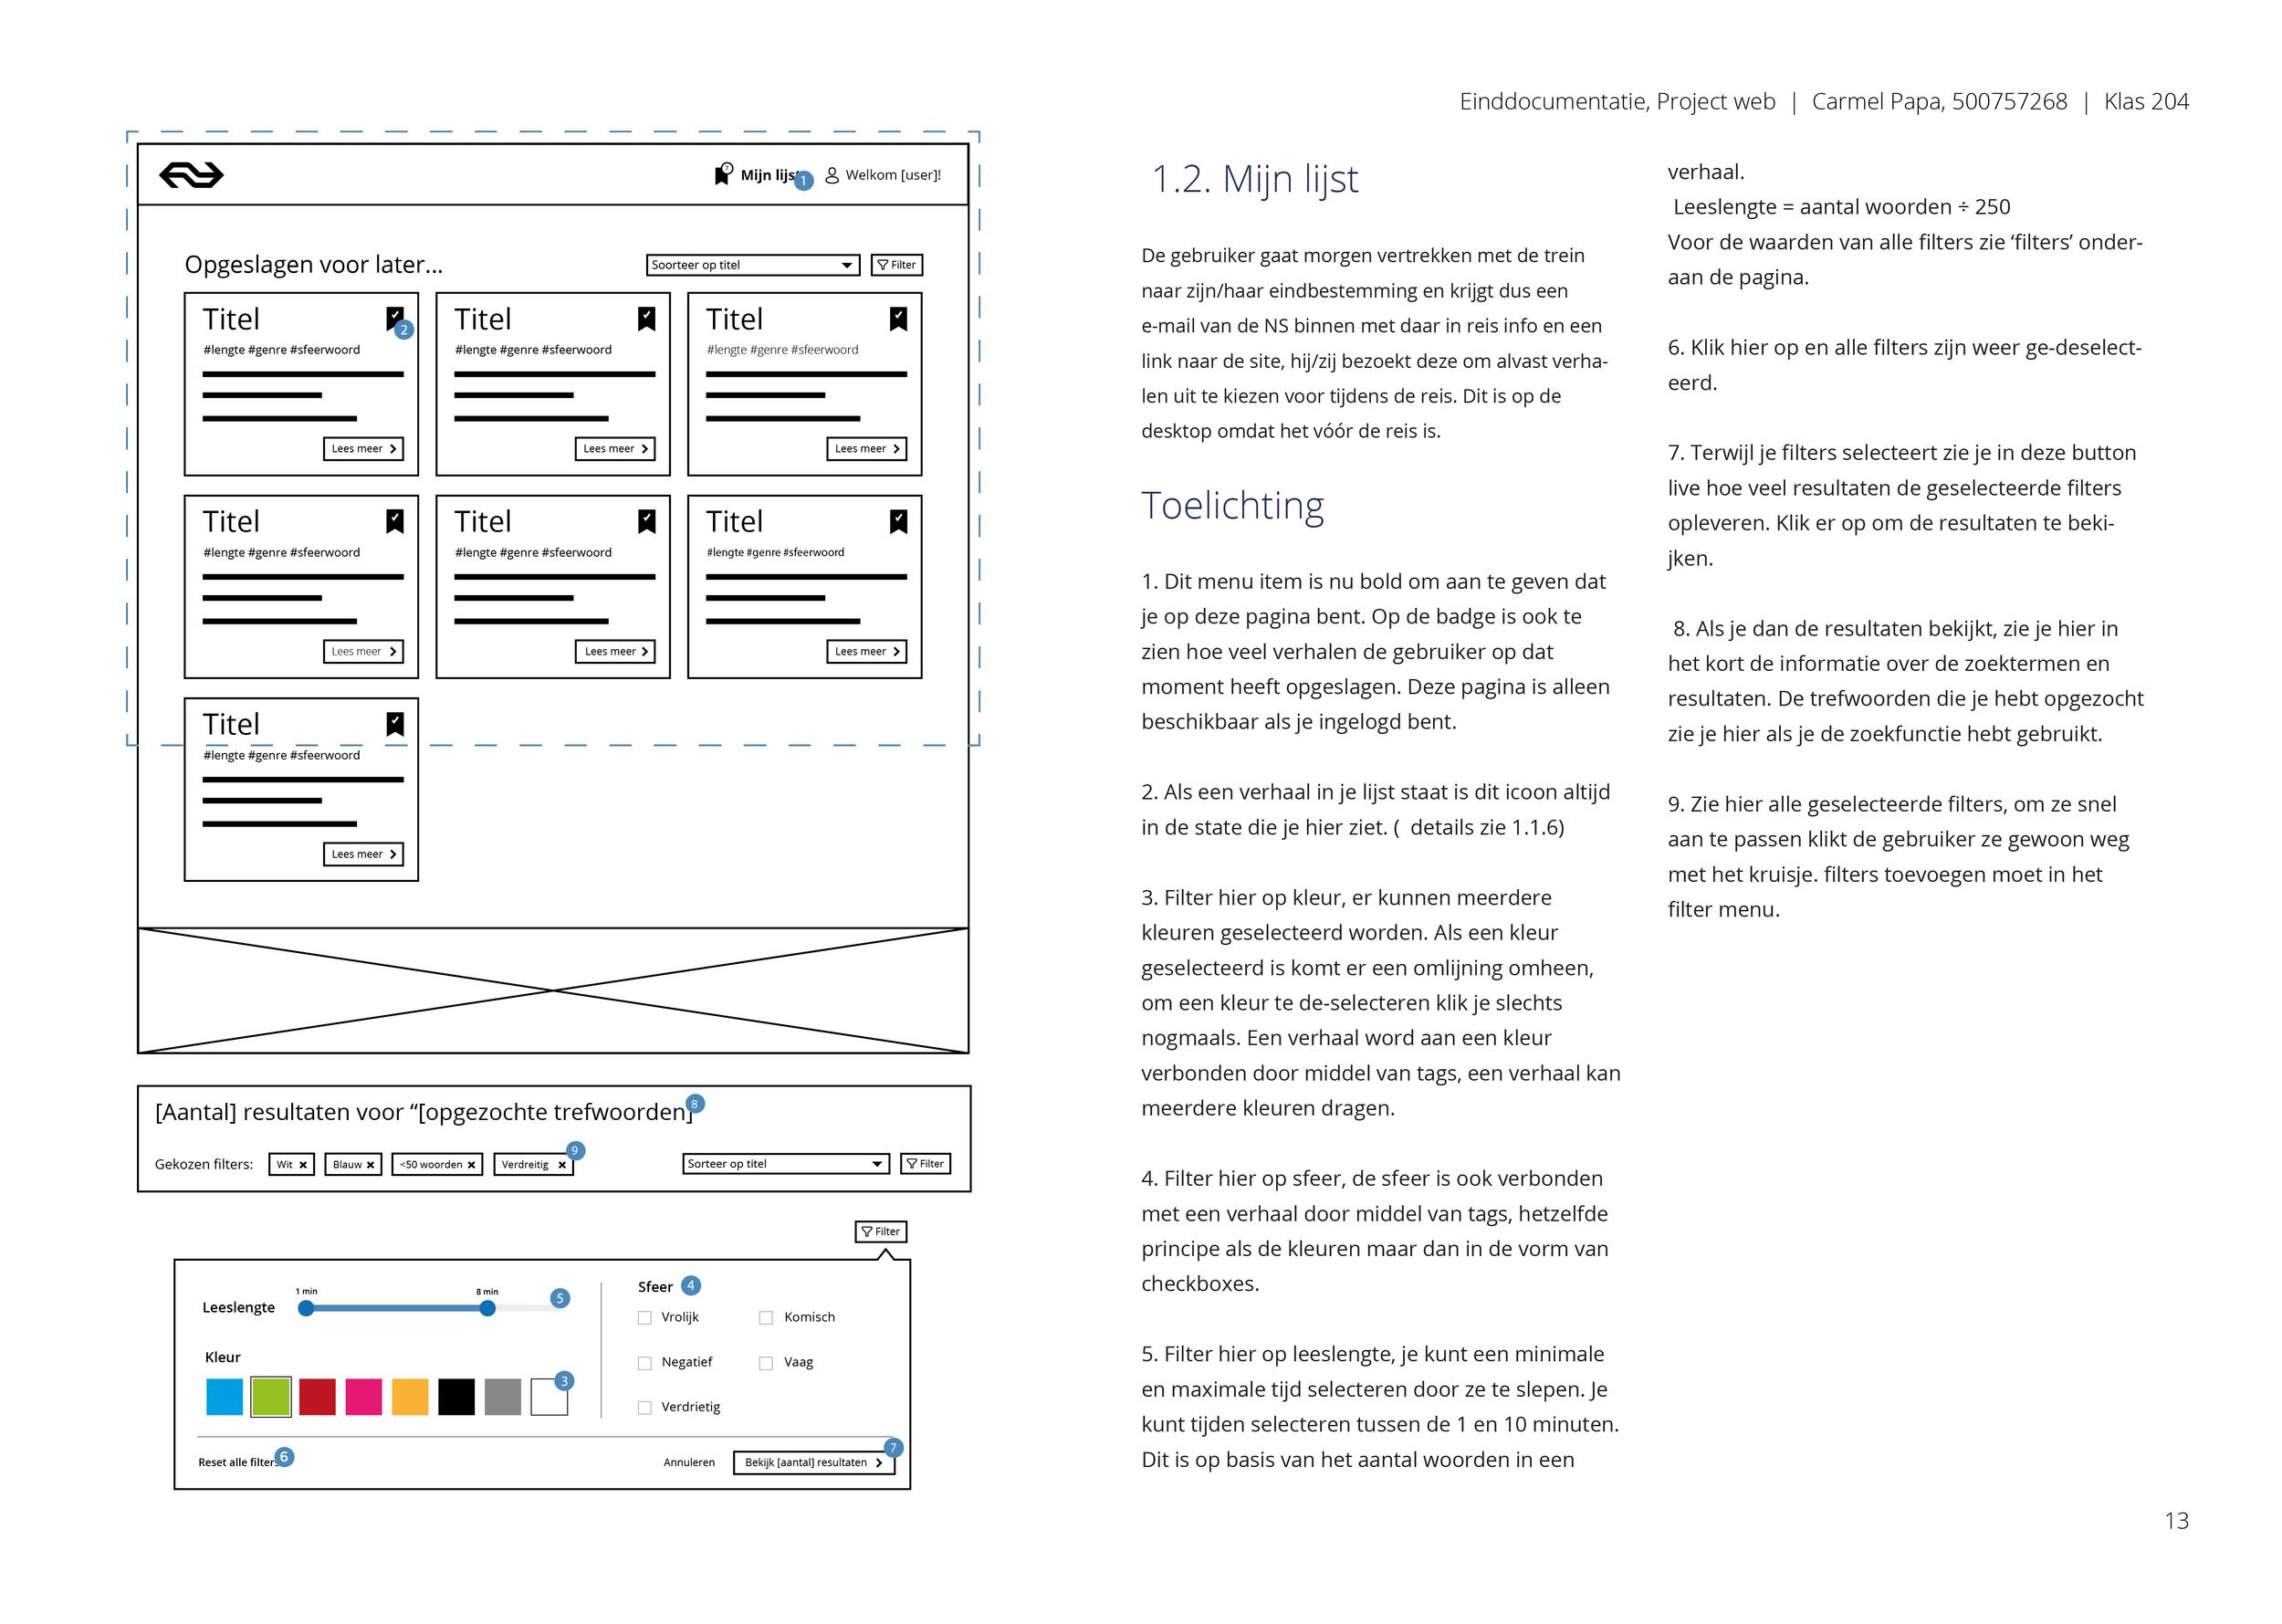 Einddocument_Project Web_Carmel Papa_204_Informatie architechtuur-14.png